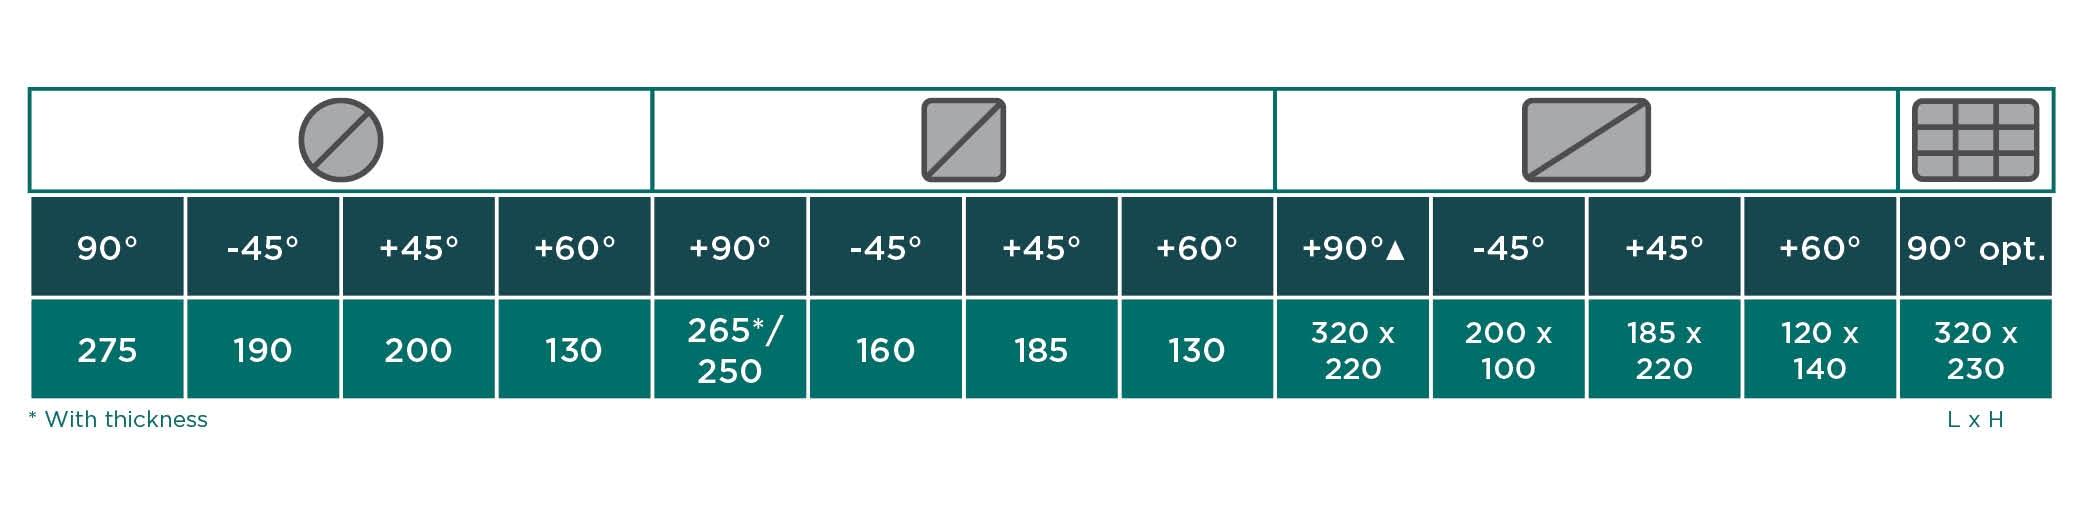 Carif bandsaegen halb automatische mit vollhydraulischen systemen 320 BSA VAR-E